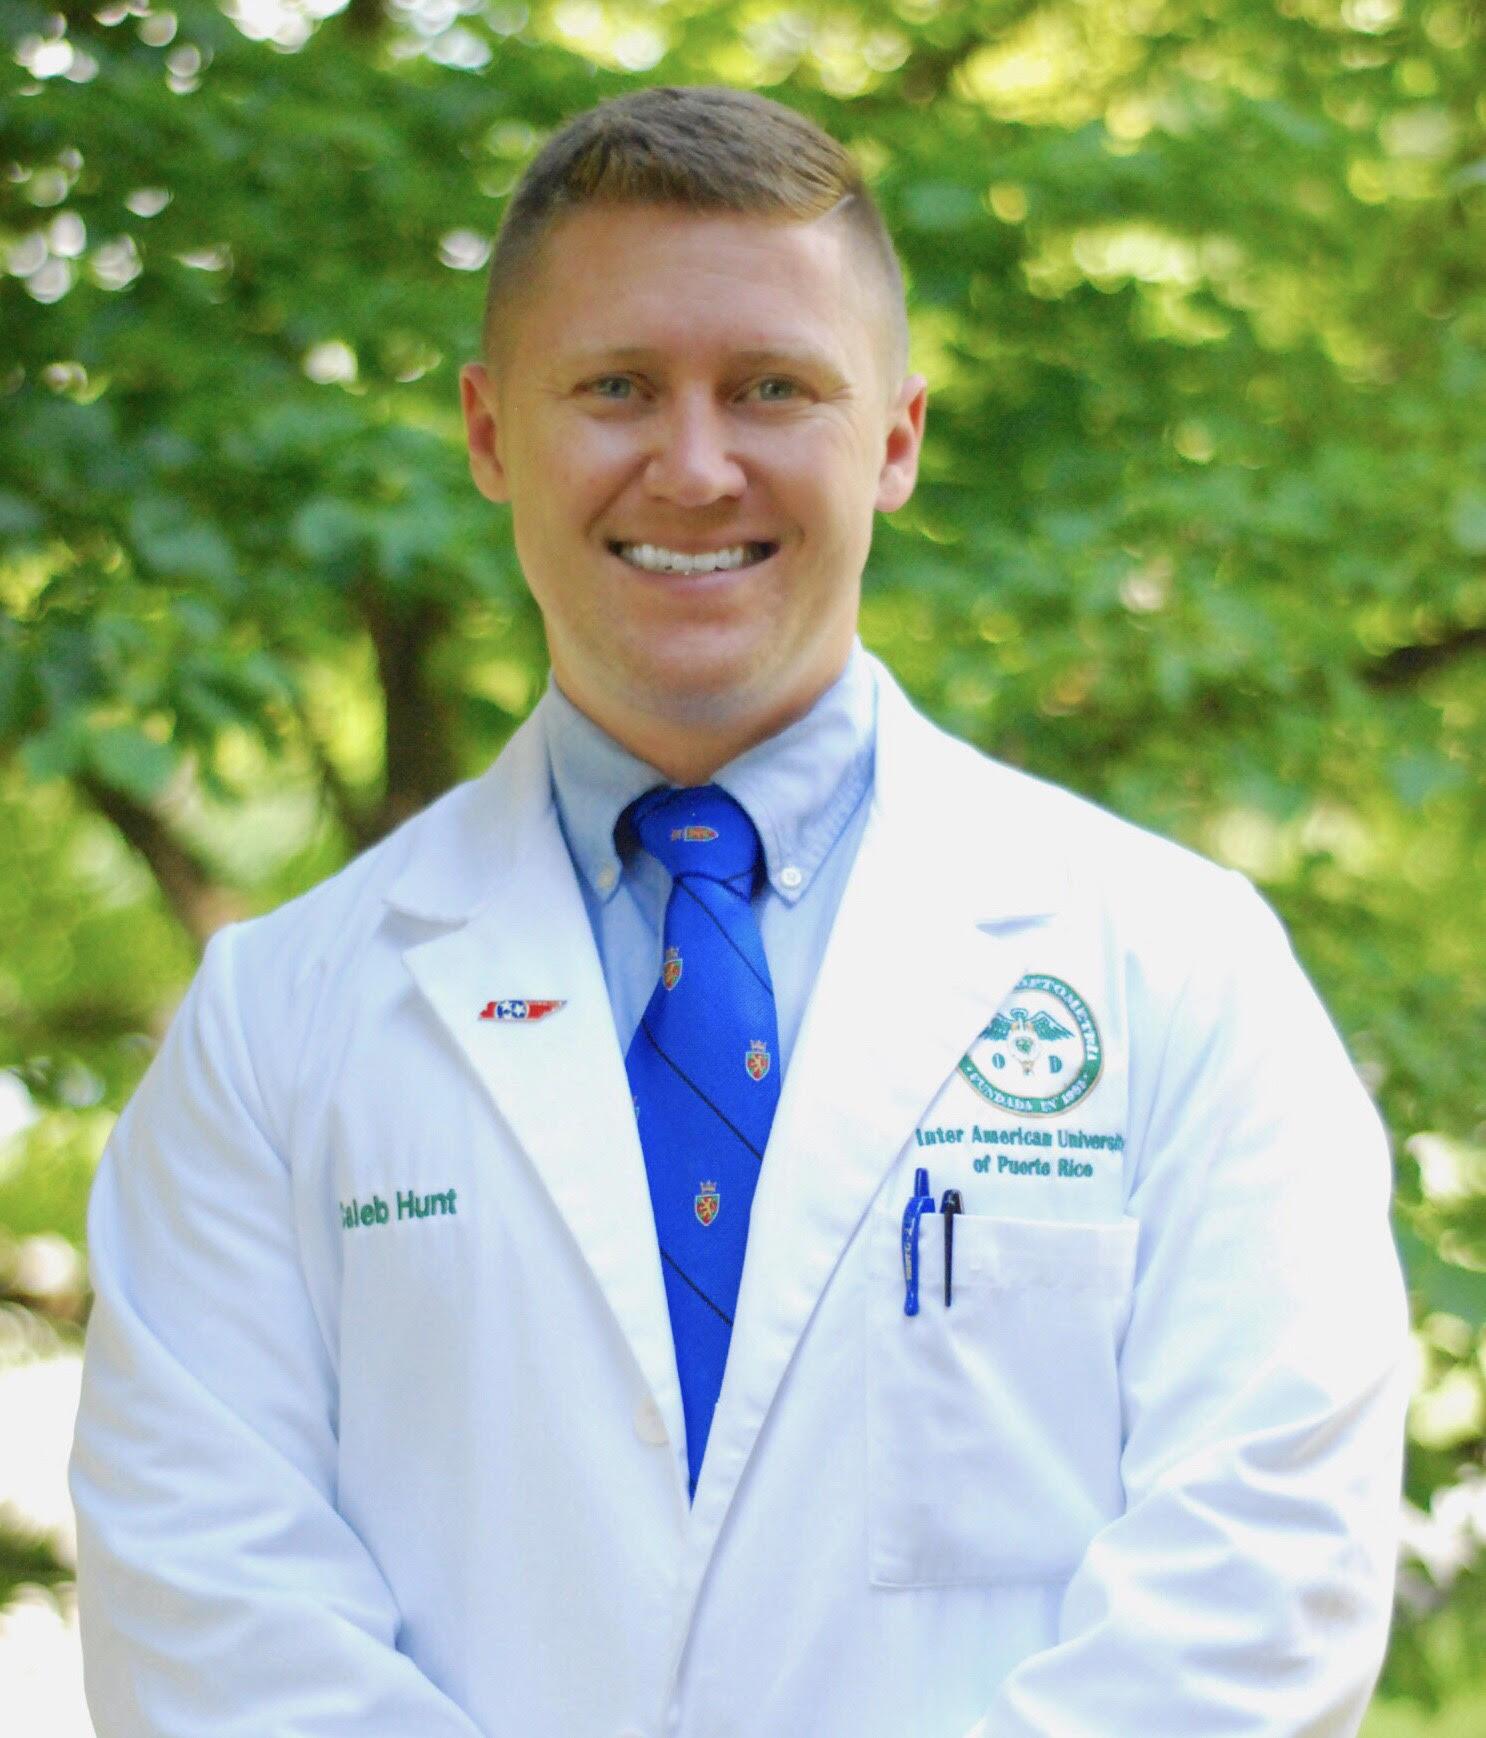 Dr-Caleb-Hunt